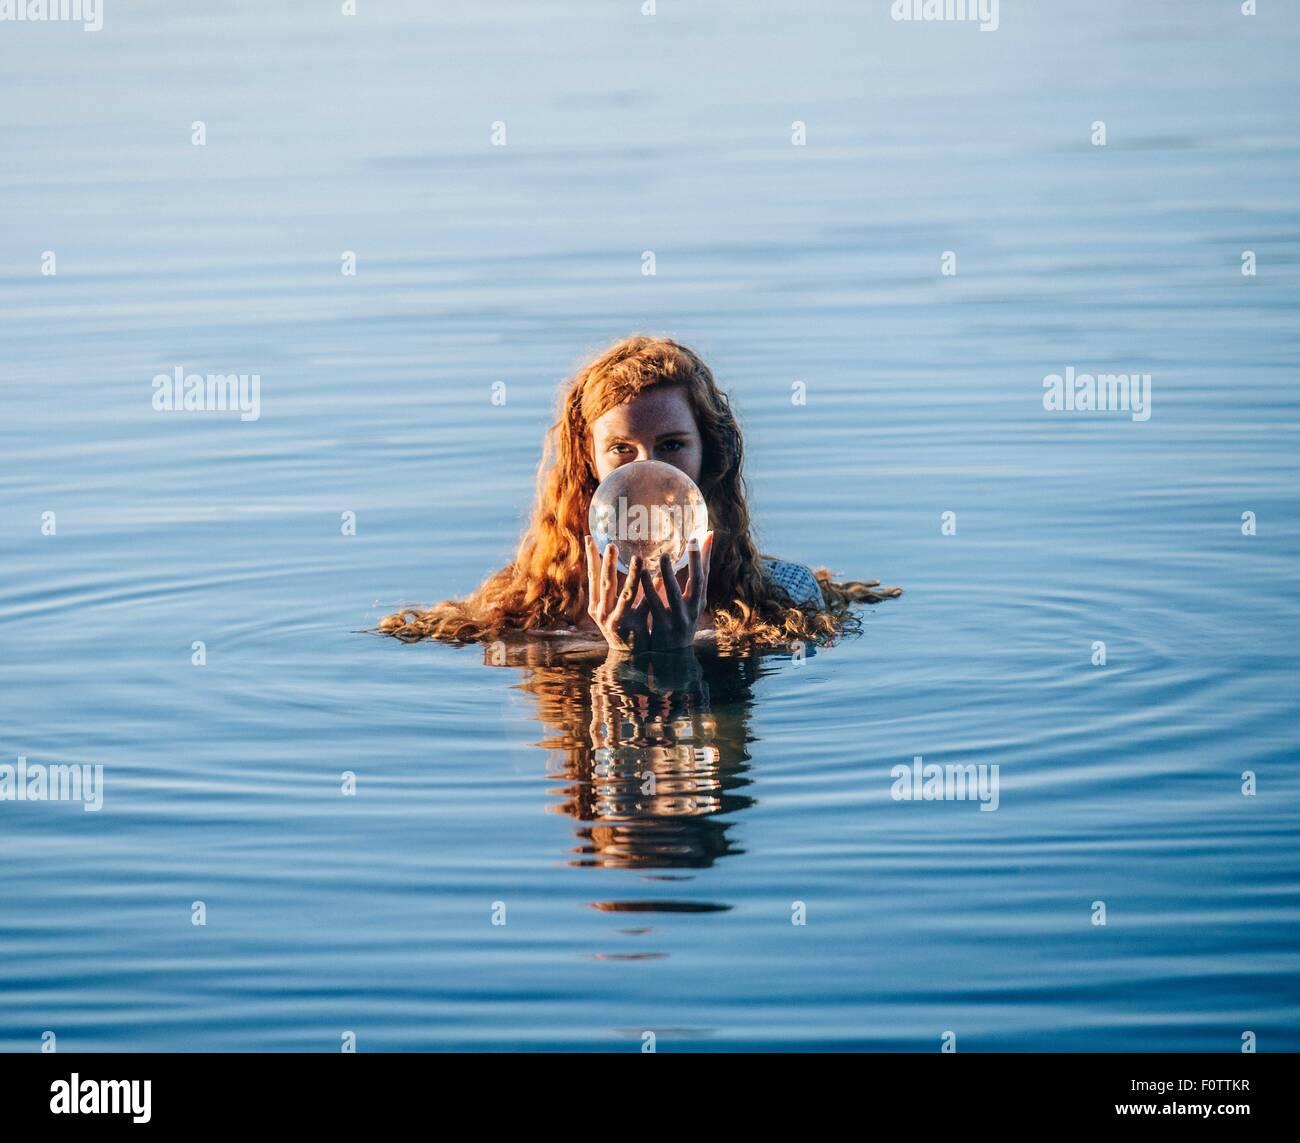 Kopf und Schultern der jungen Frau mit langen roten Haaren in See mit Crystal ball Stockbild